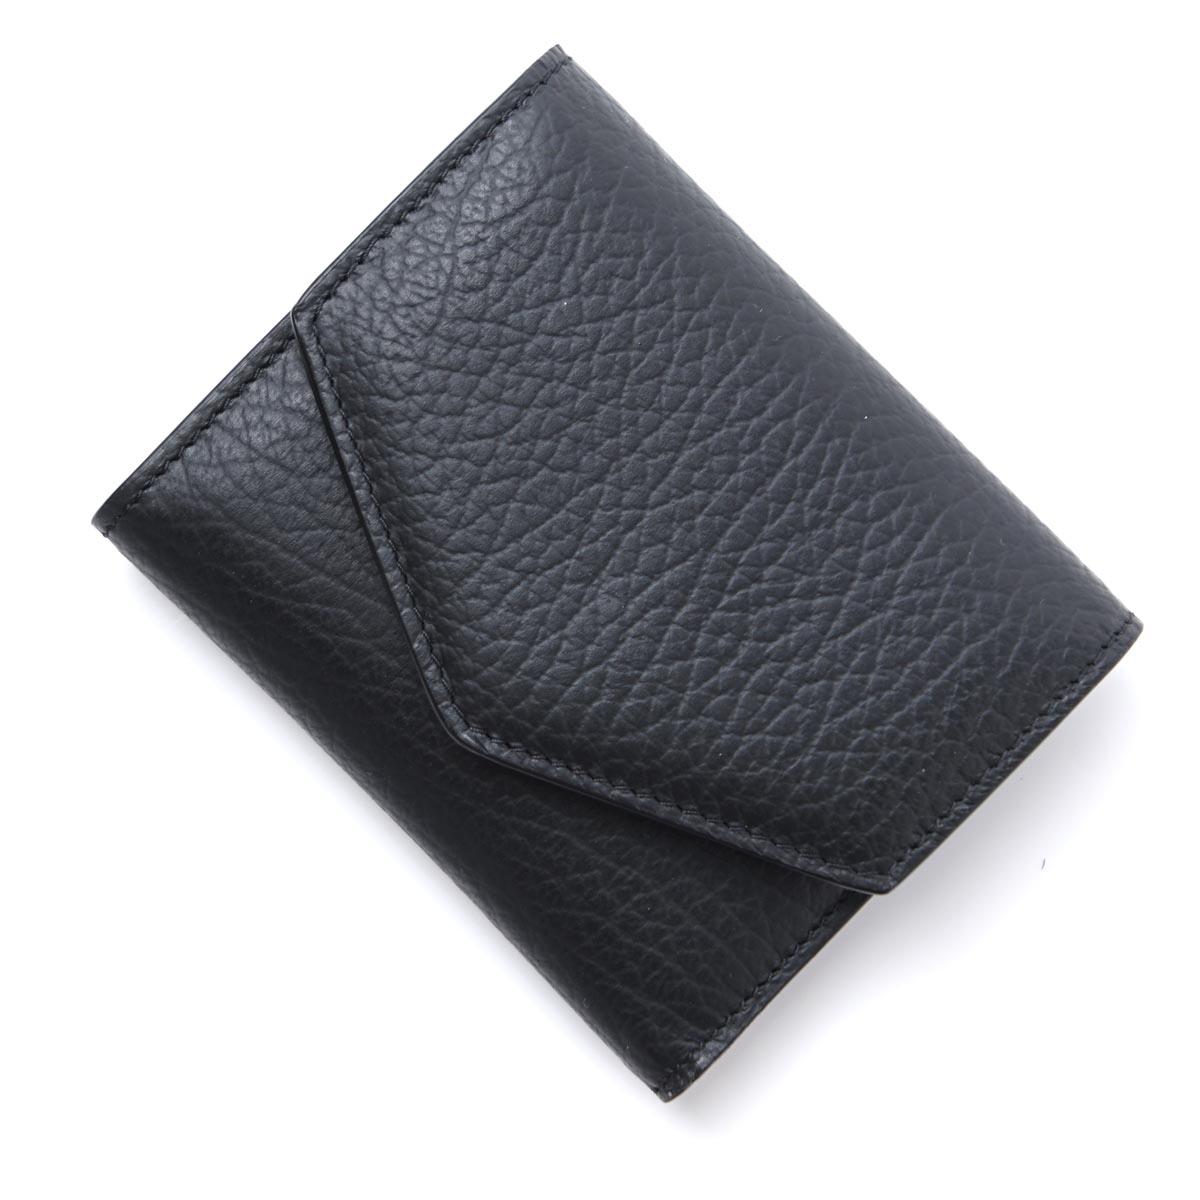 財布・ケース, レディース財布  Maison Margiela 3 s56ui0136 p0399 t8013